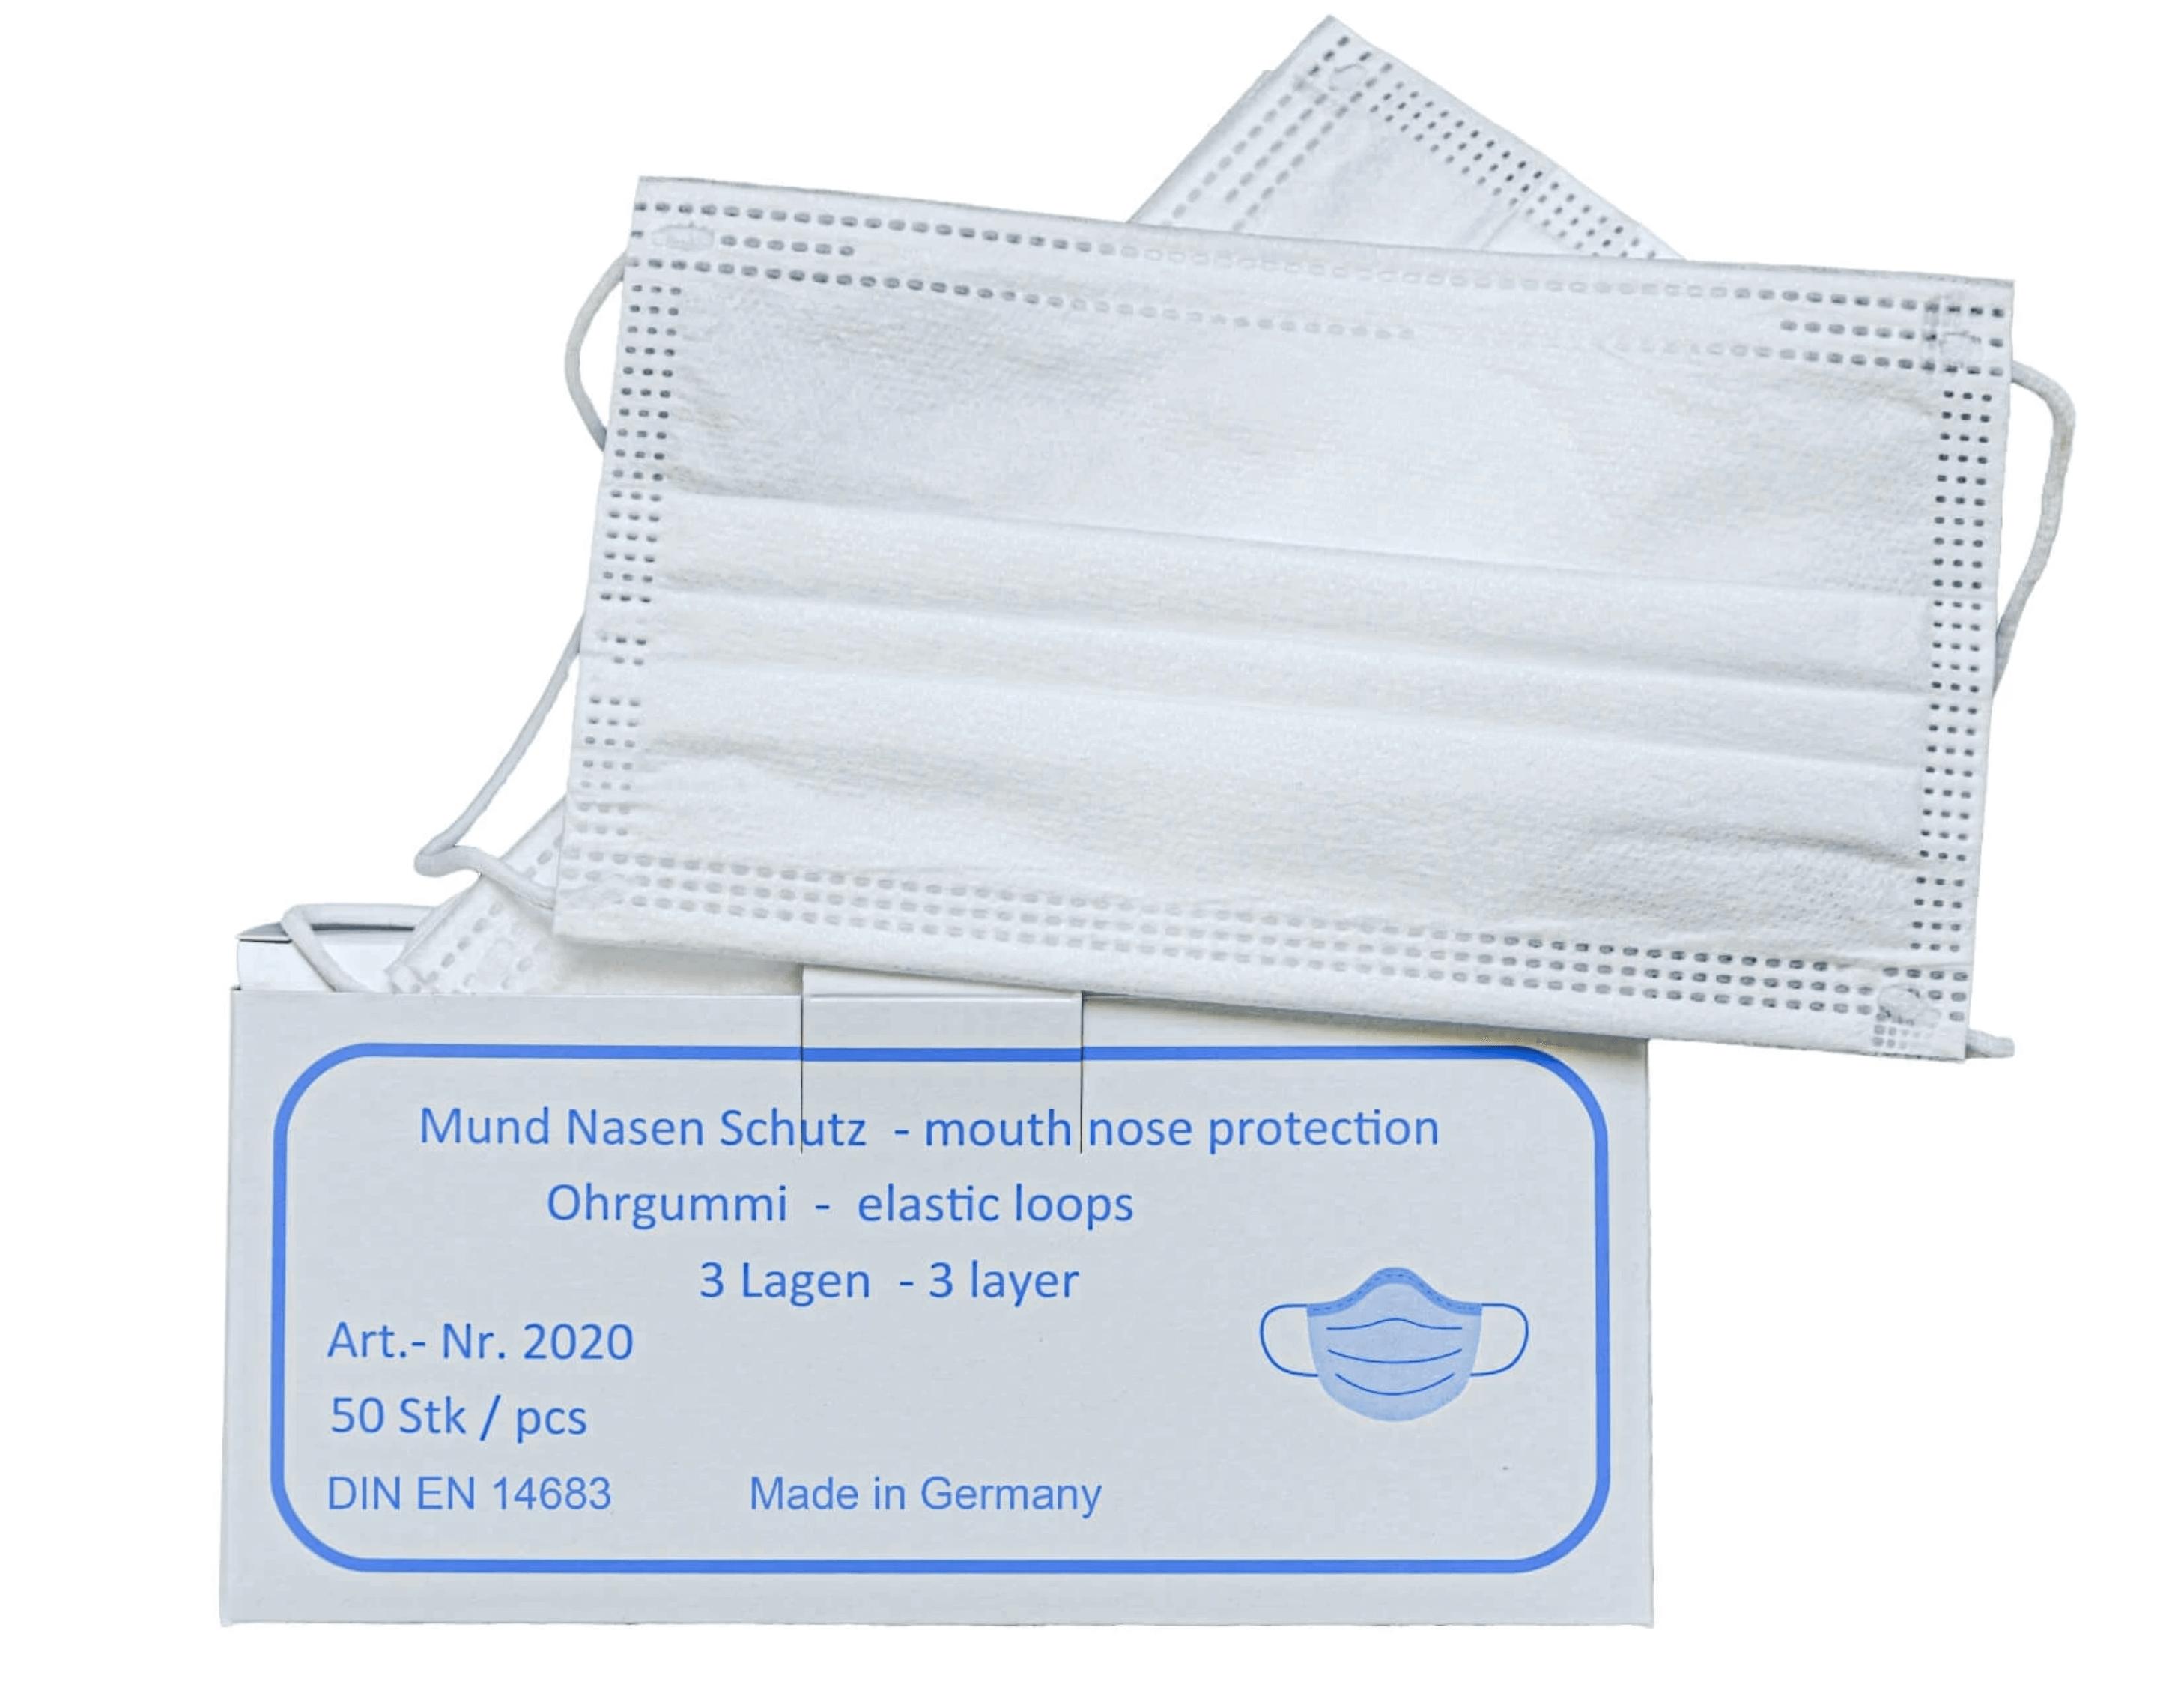 Einwegmasken aus Vliesstoff made in Germany - geprüft nach DIN EN 14683 Typ II